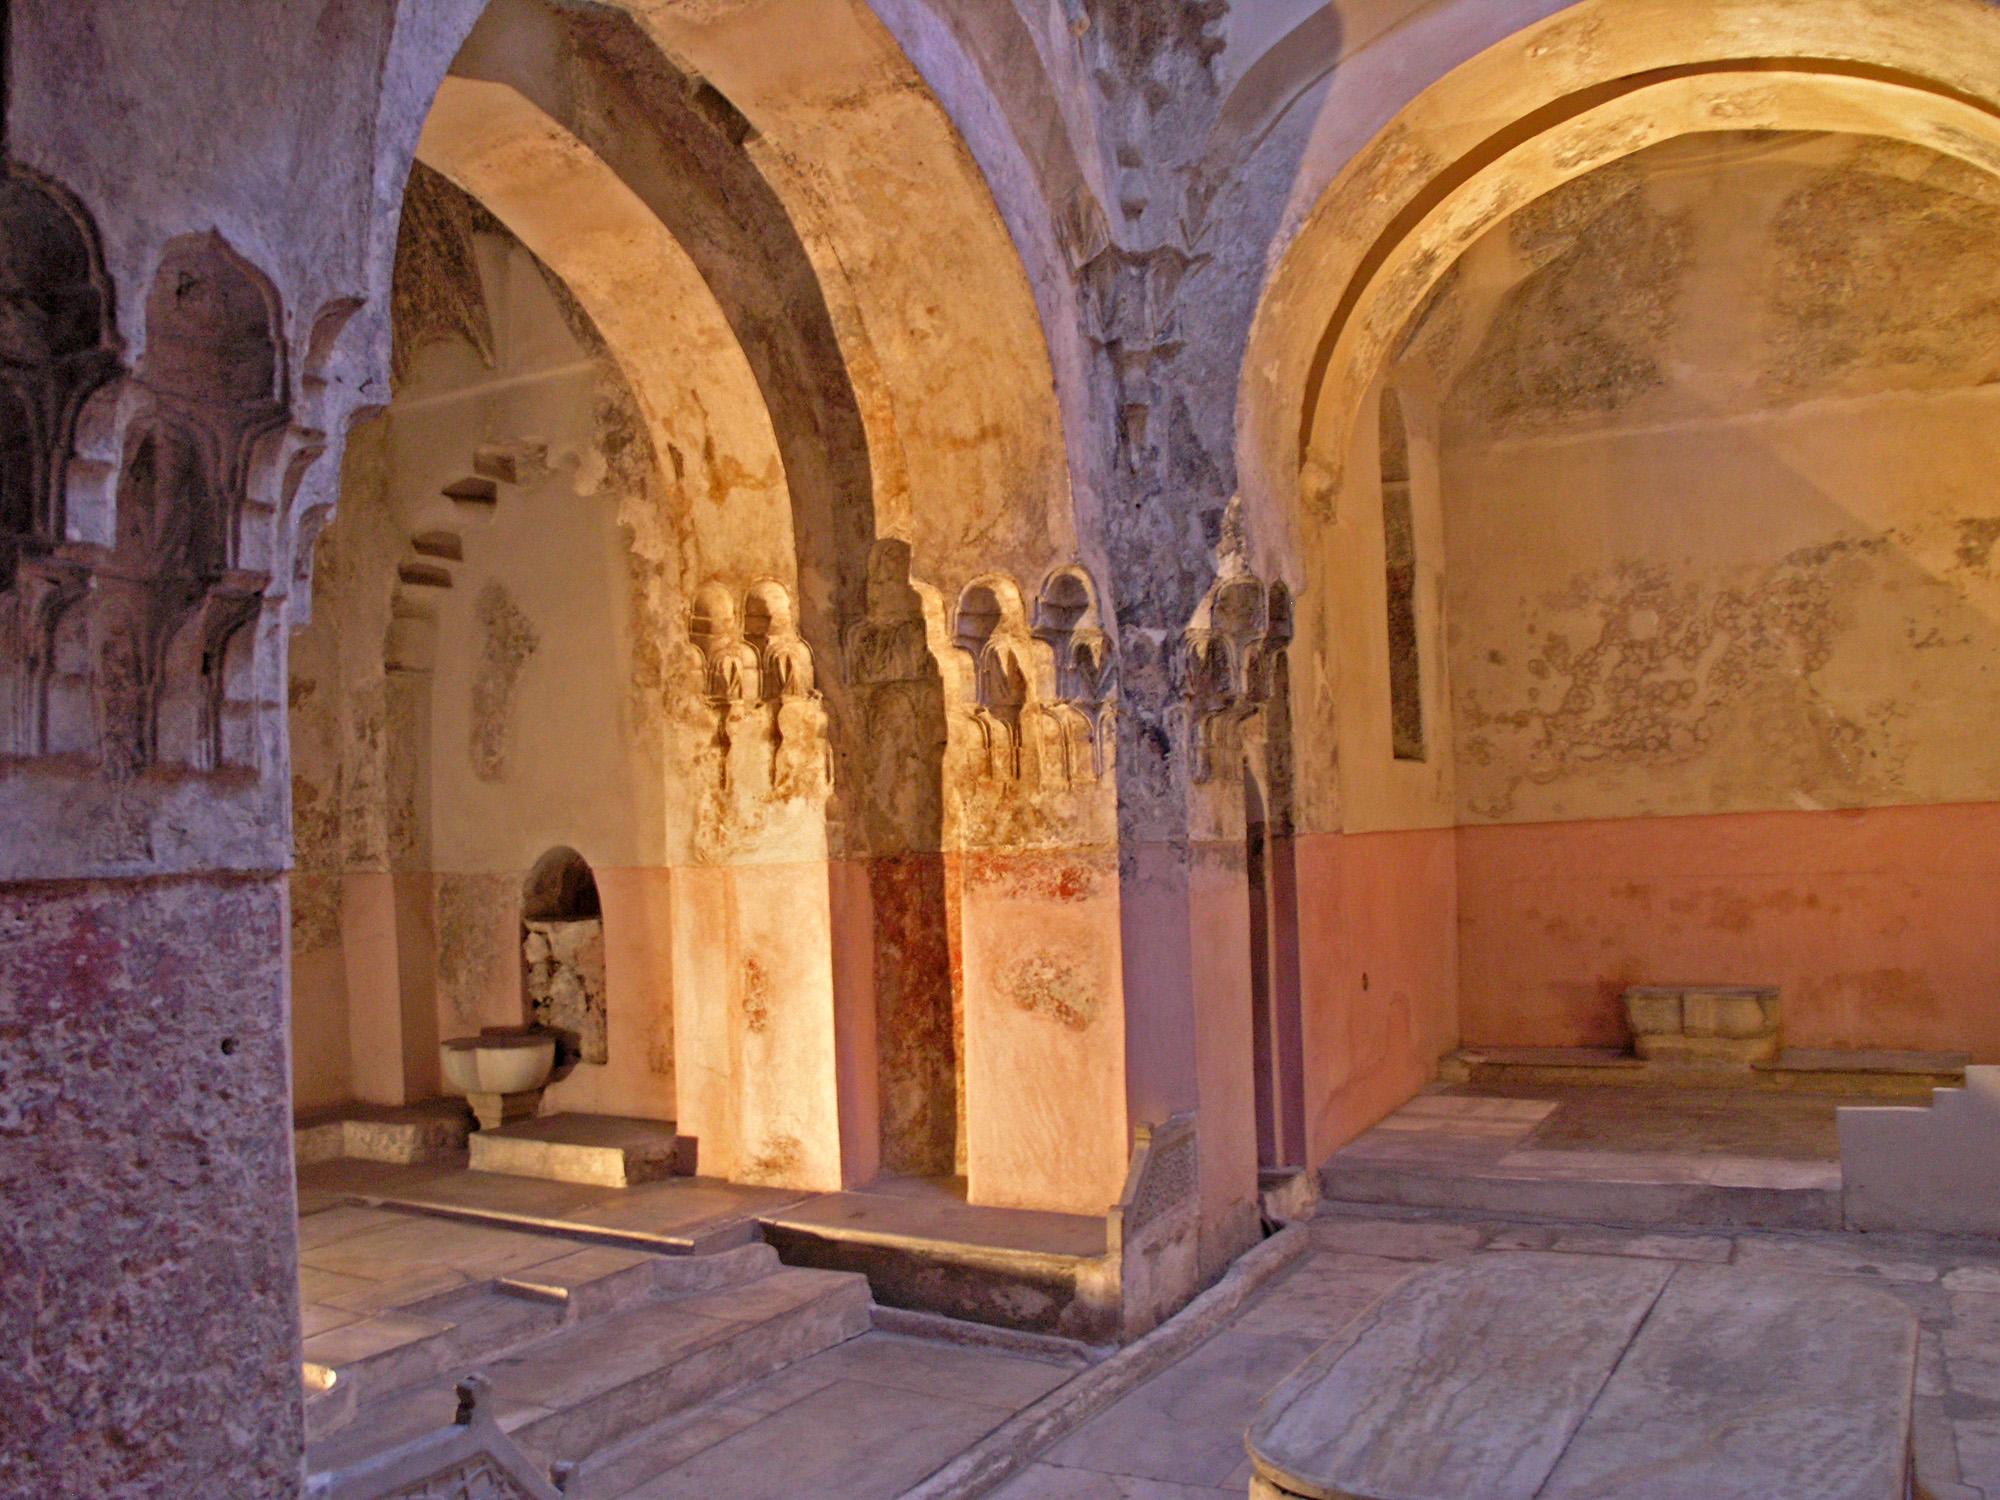 Thessalonikis Hamams - Turkish Baths in Thessaloniki